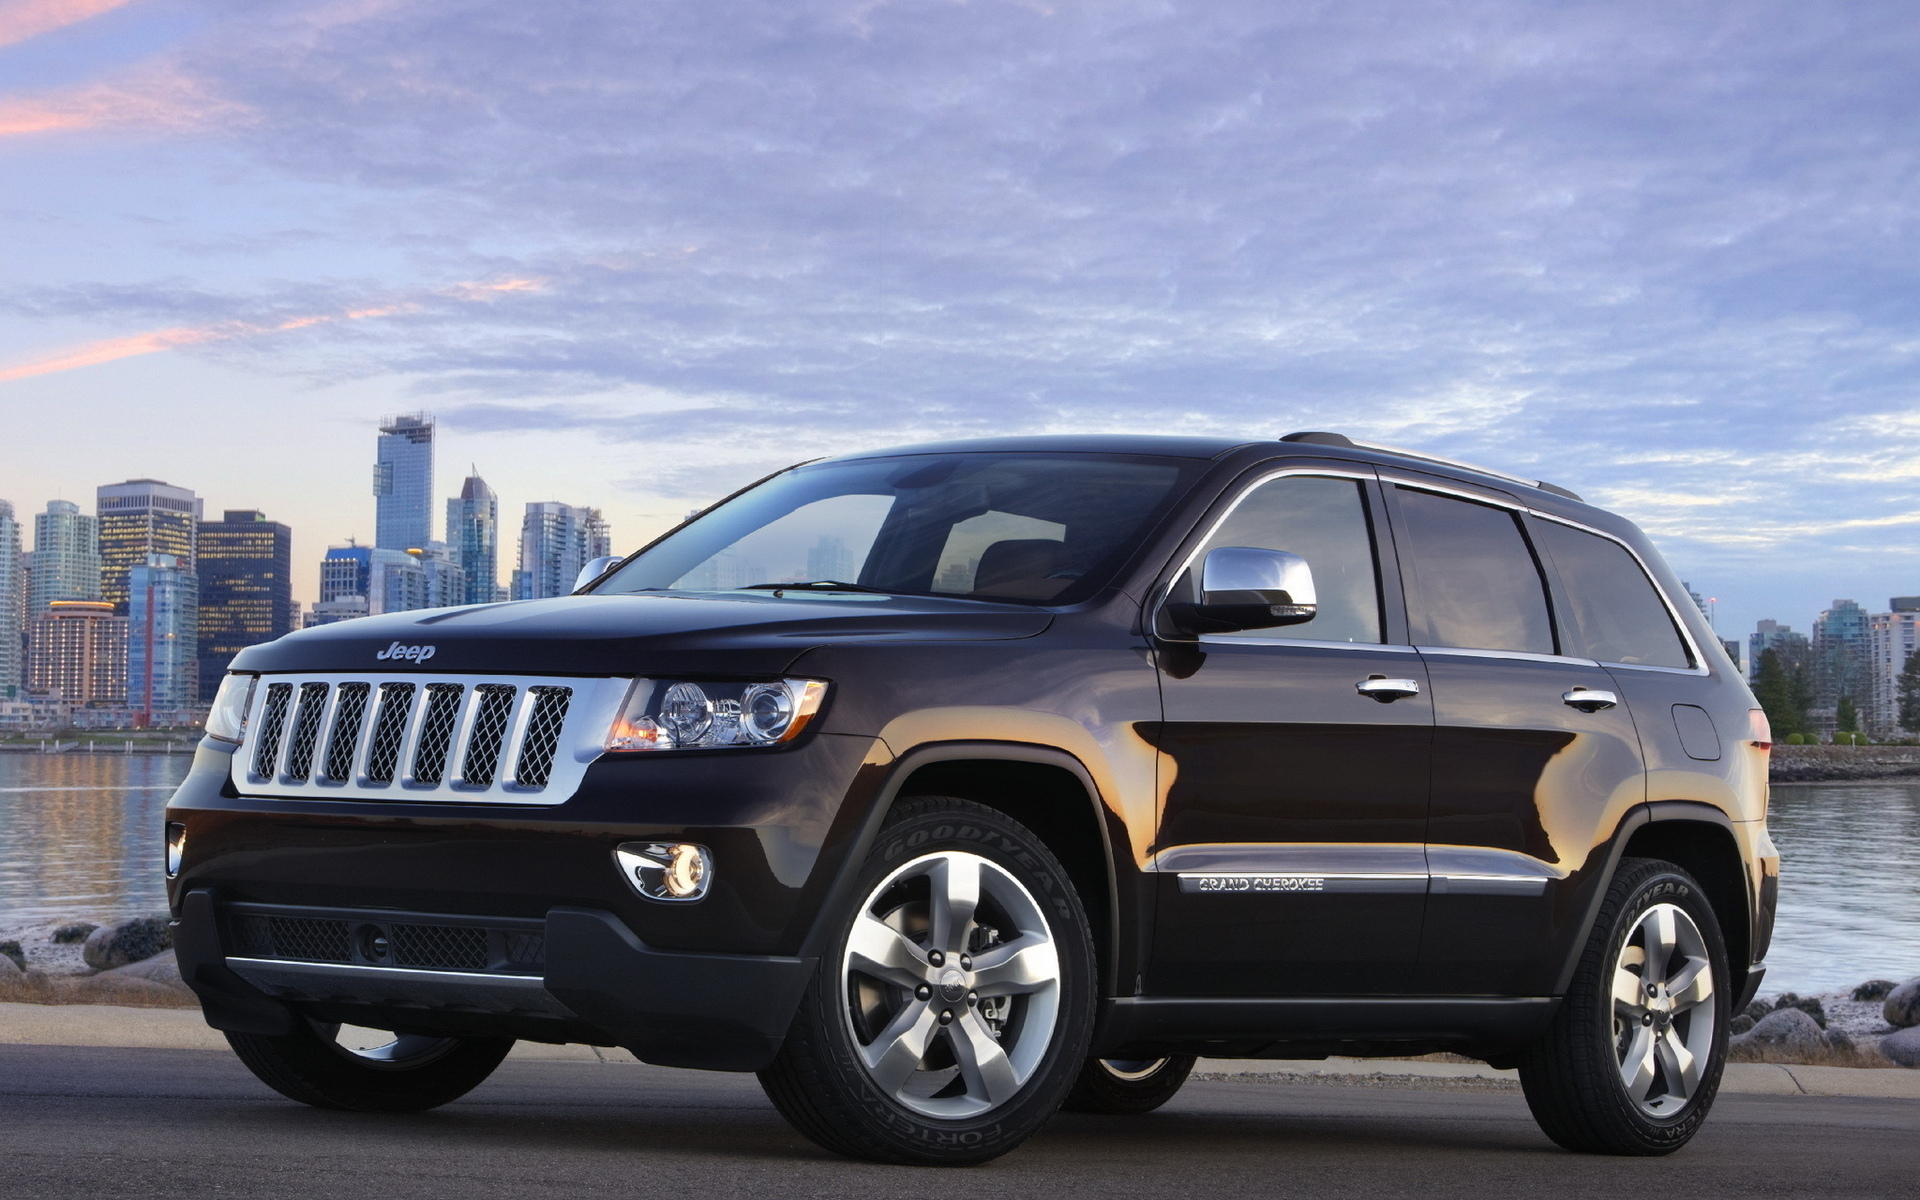 автомобиль джип черный Jeep скачать